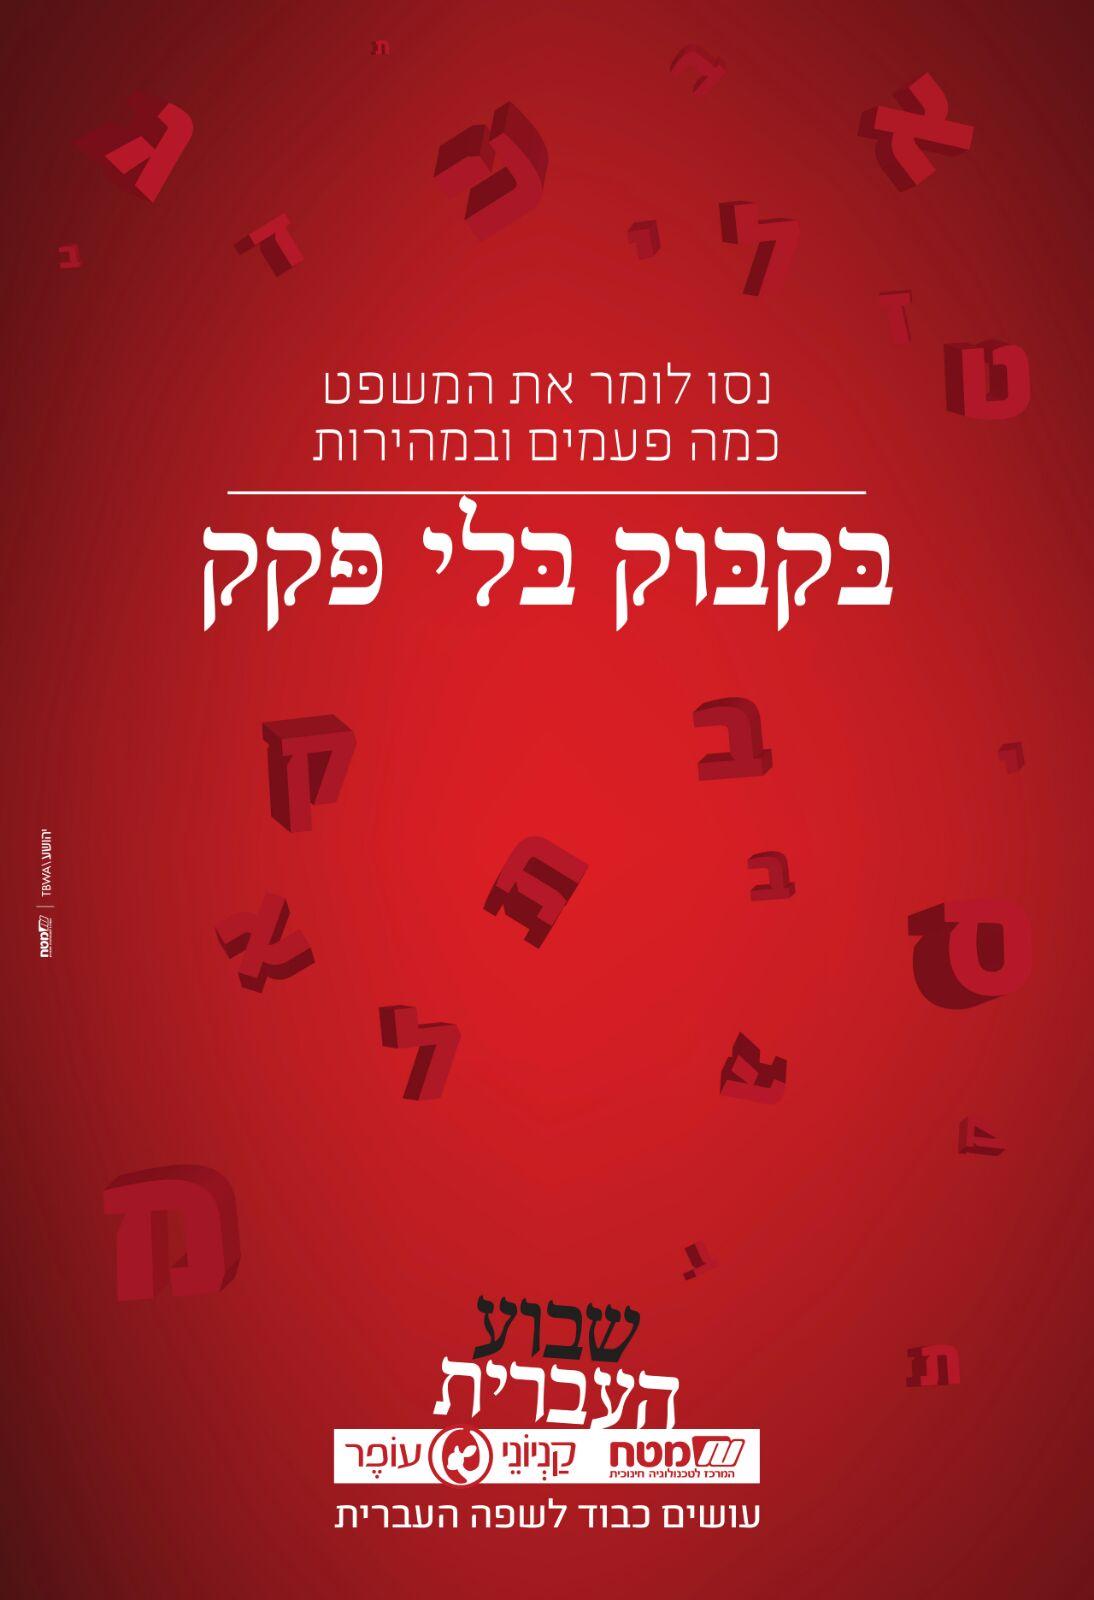 מסע פרסומי המציג את הצדדים המשעשעים של השפה העברית 4